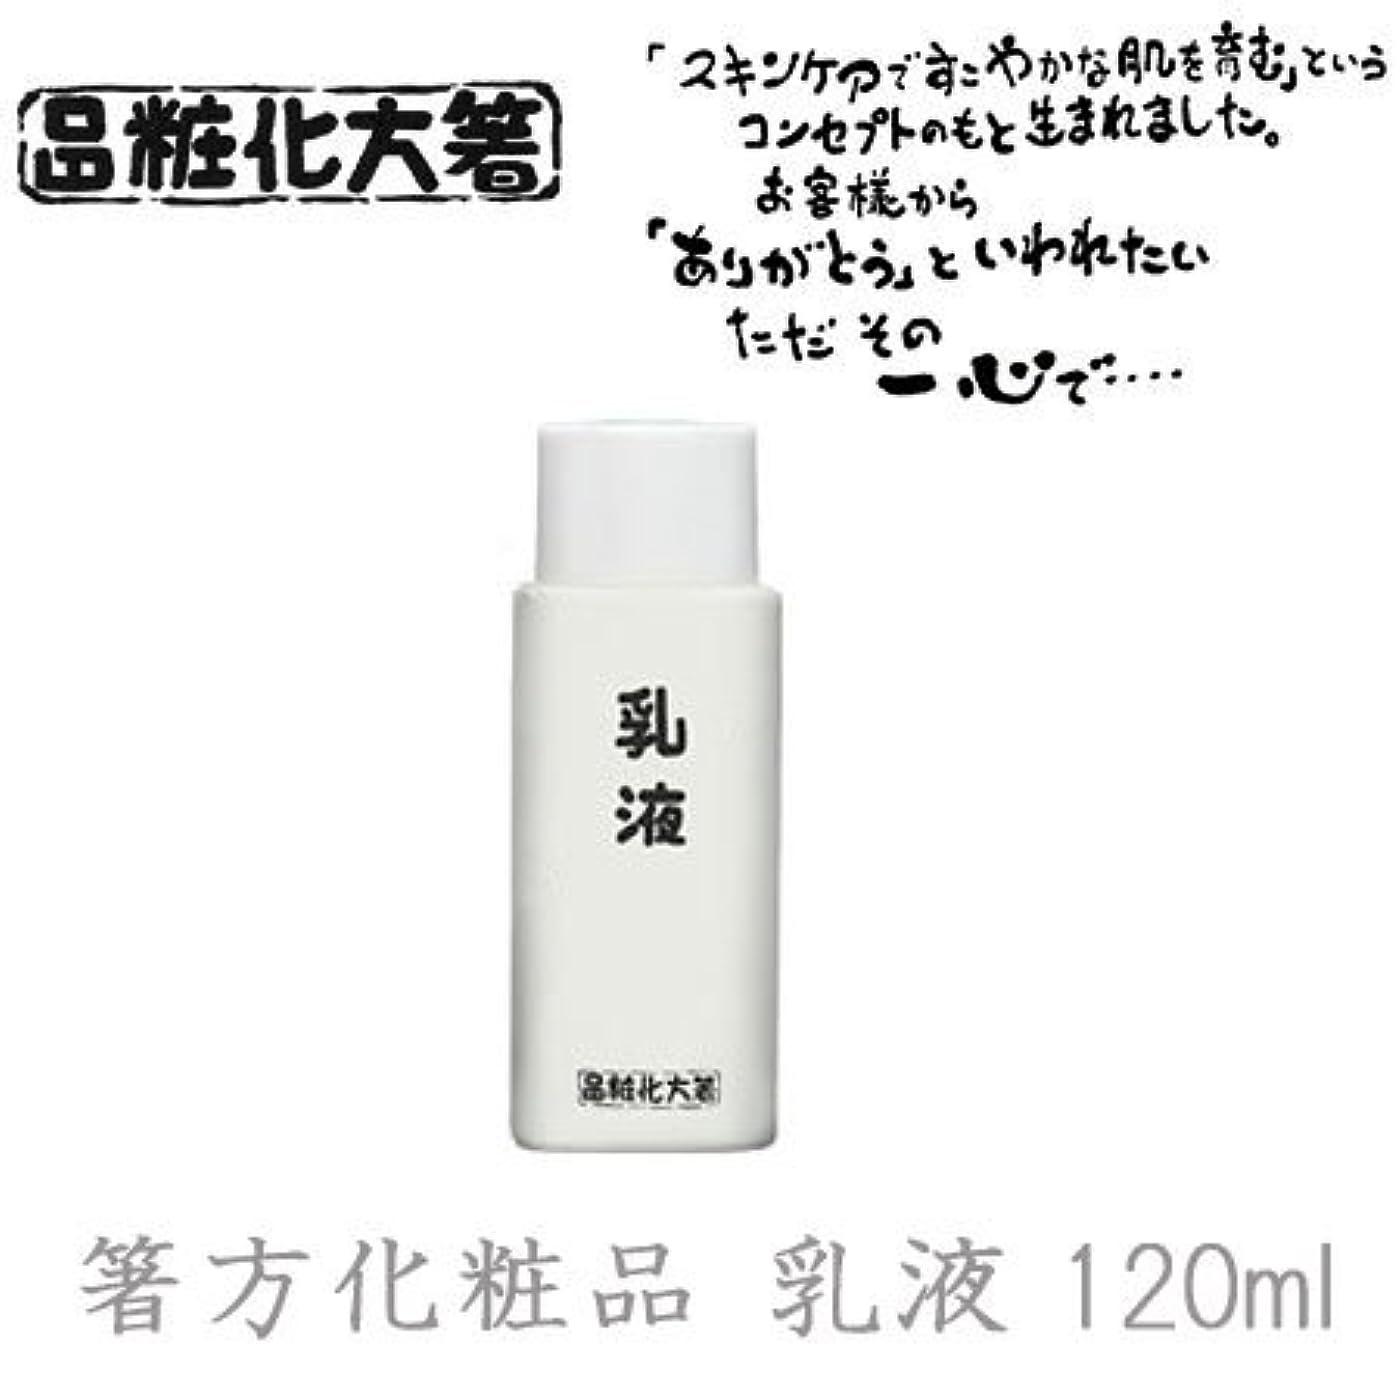 ゴージャスパラメータルート箸方化粧品 乳液 120ml はしかた化粧品